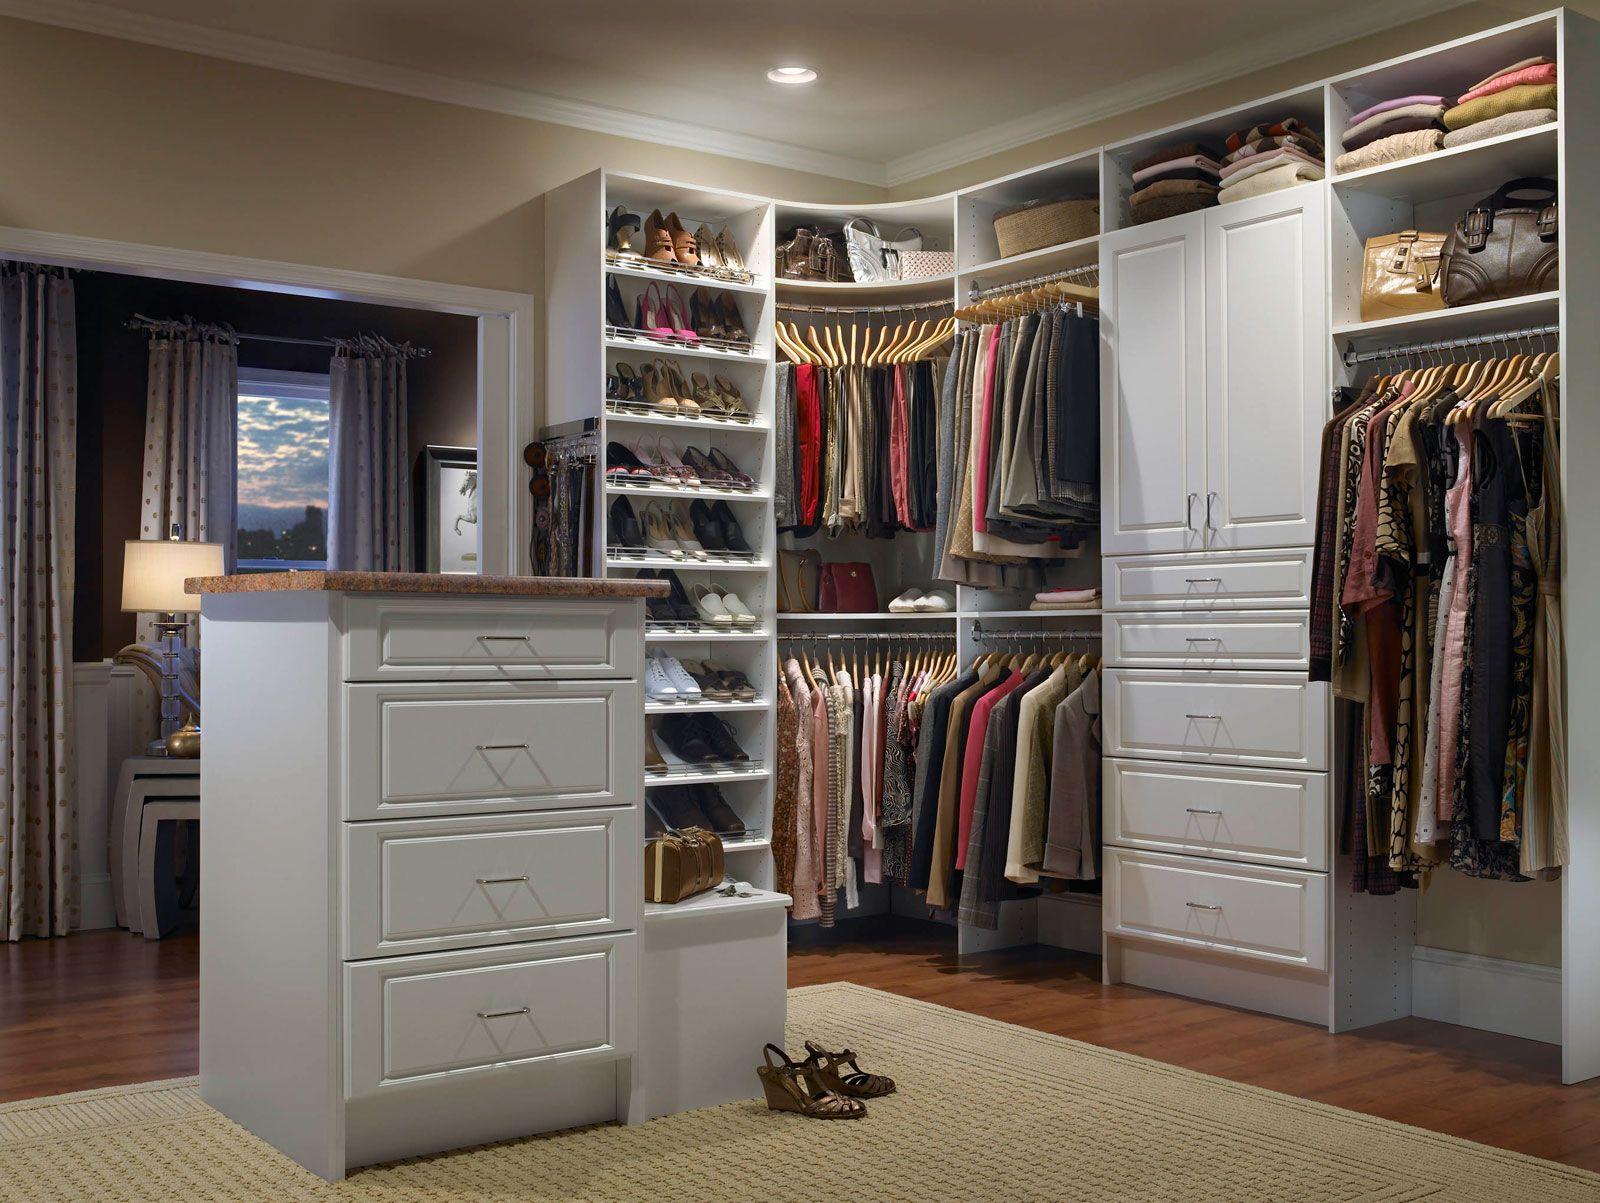 Modern Furniture Jepara lemari pakaian modern dari gendis furniture jepara, adalah lemari